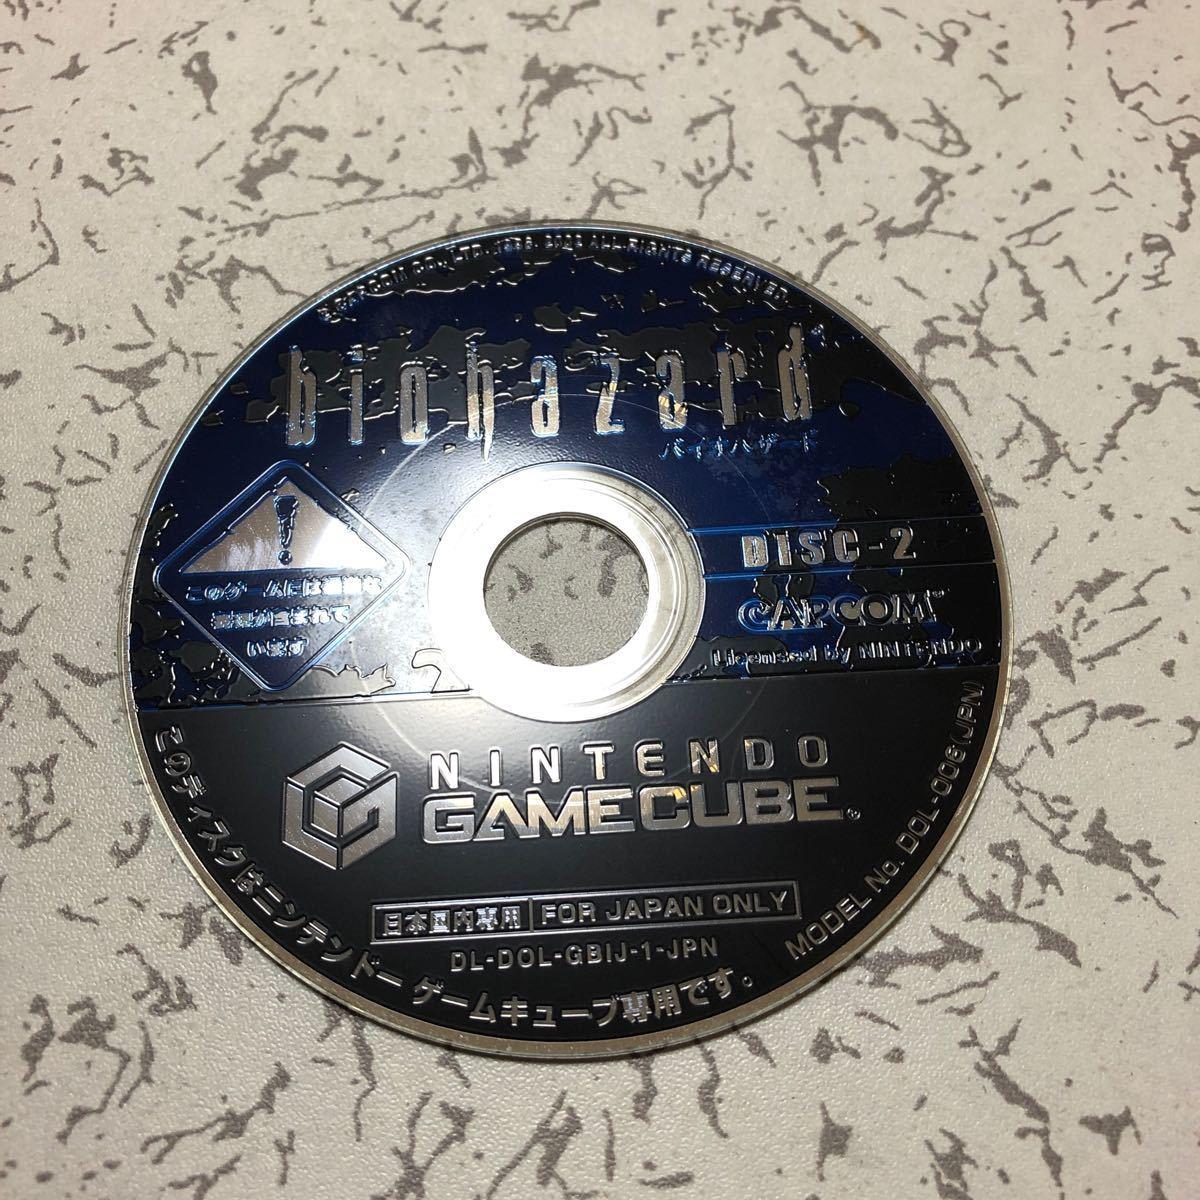 ゲームキューブ バイオハザードDISC-2